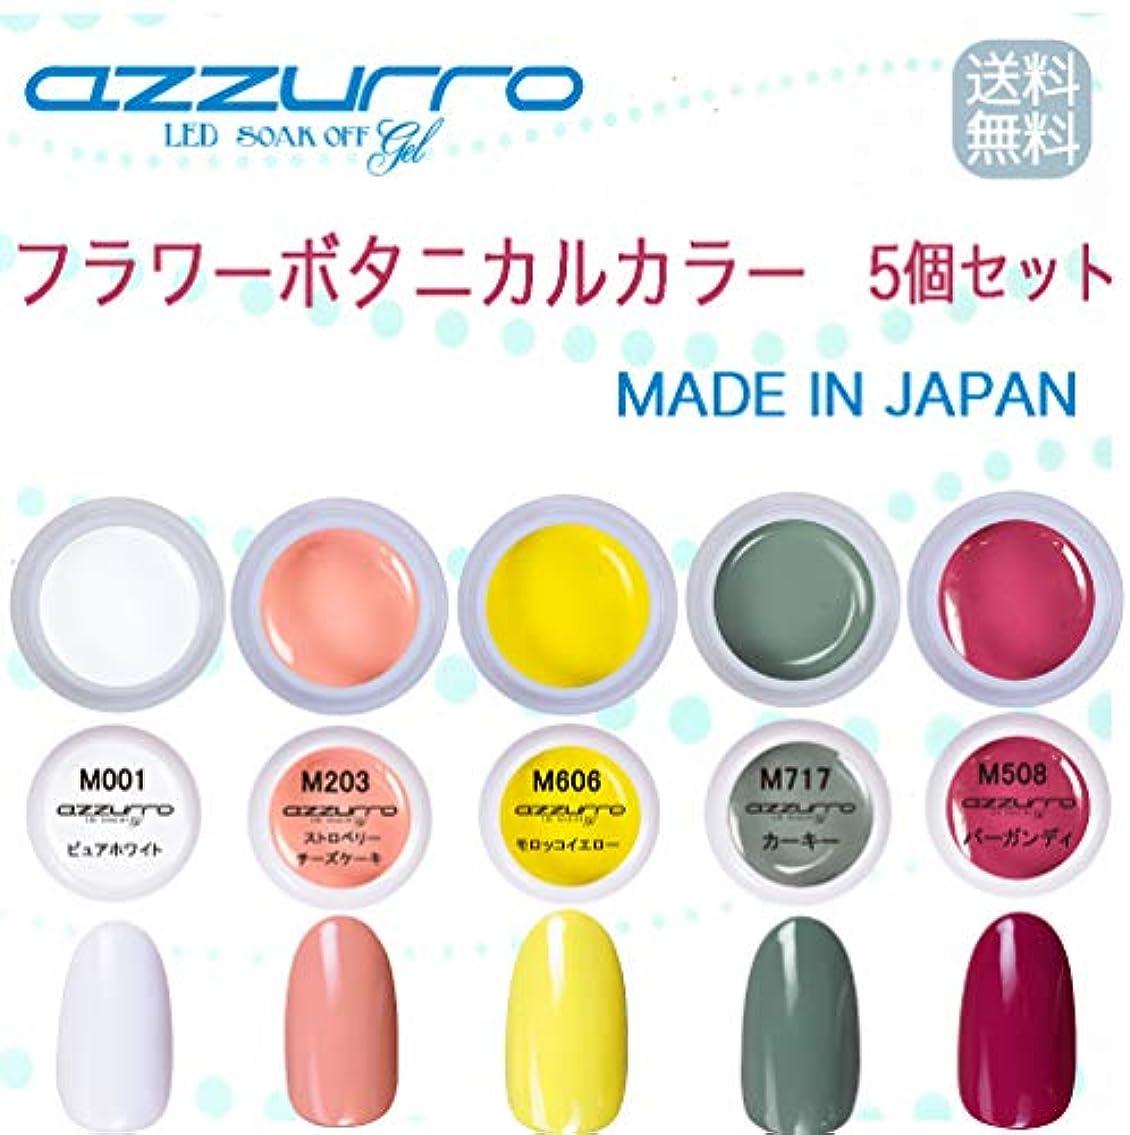 仕える評価するレプリカ【送料無料】日本製 azzurro gel フラワーボタニカルカラージェル5個セット 春にピッタリでかわいいフラワーアートにピッタリなカラー